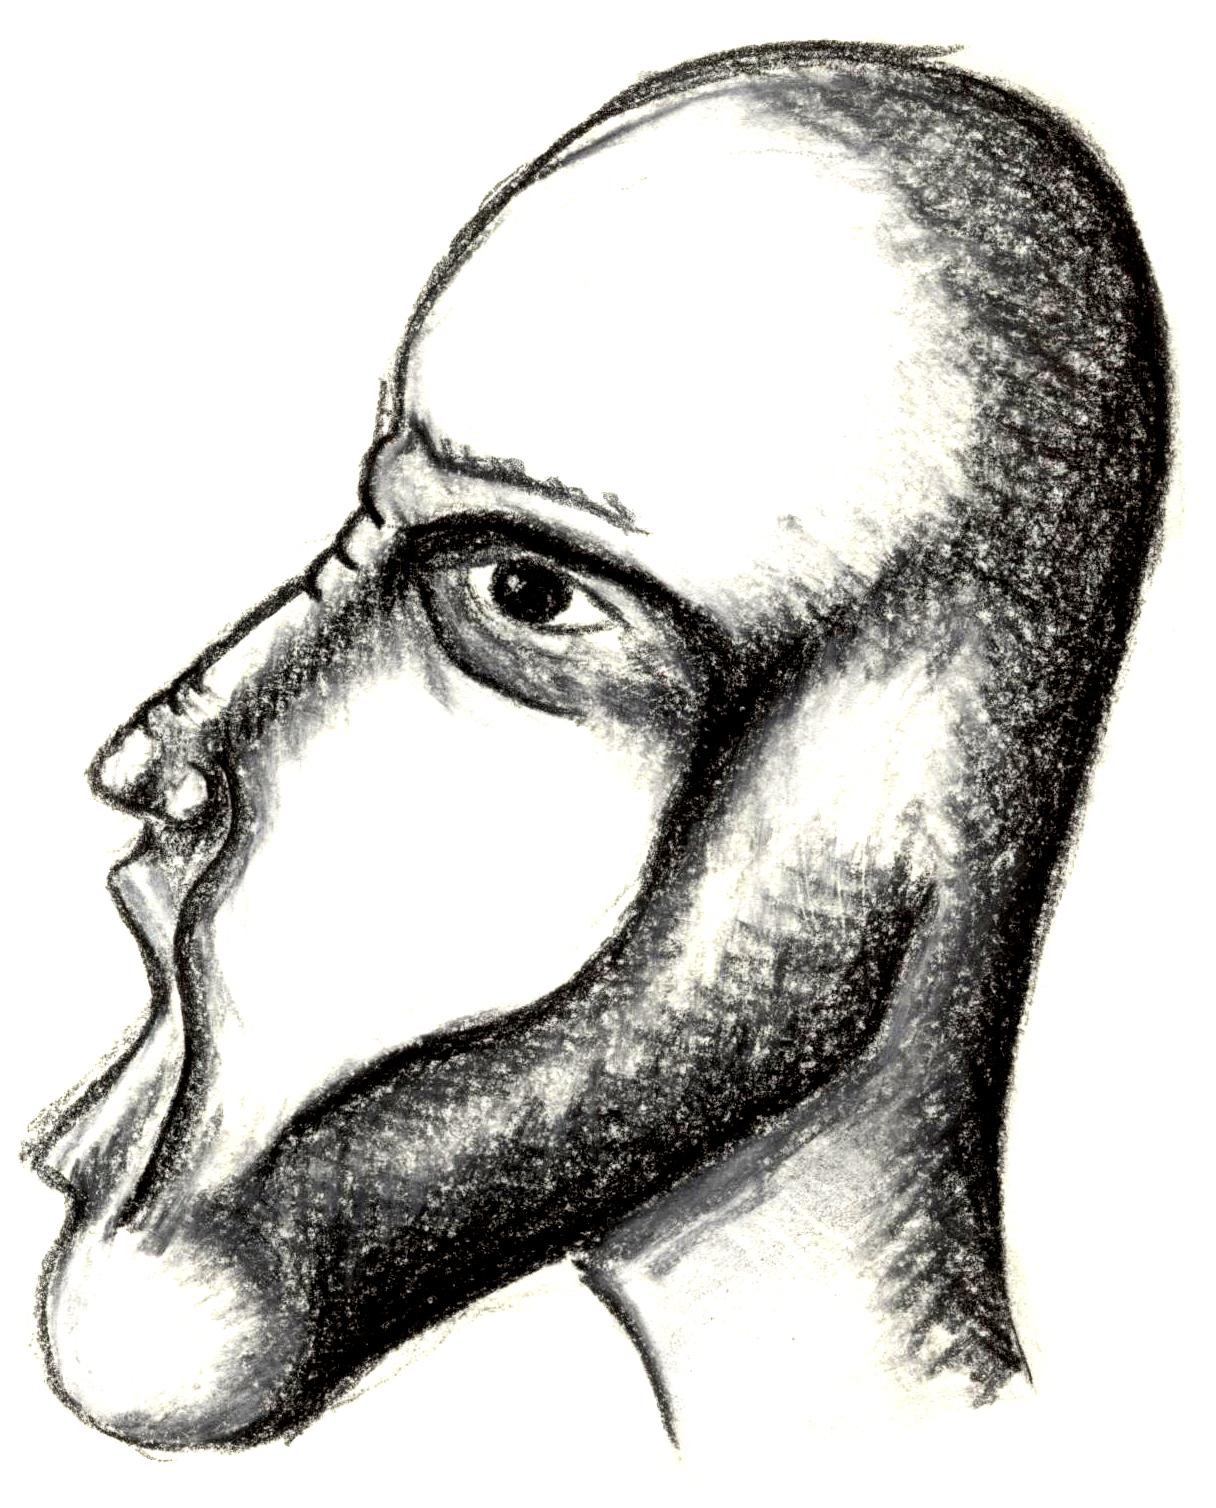 visage30